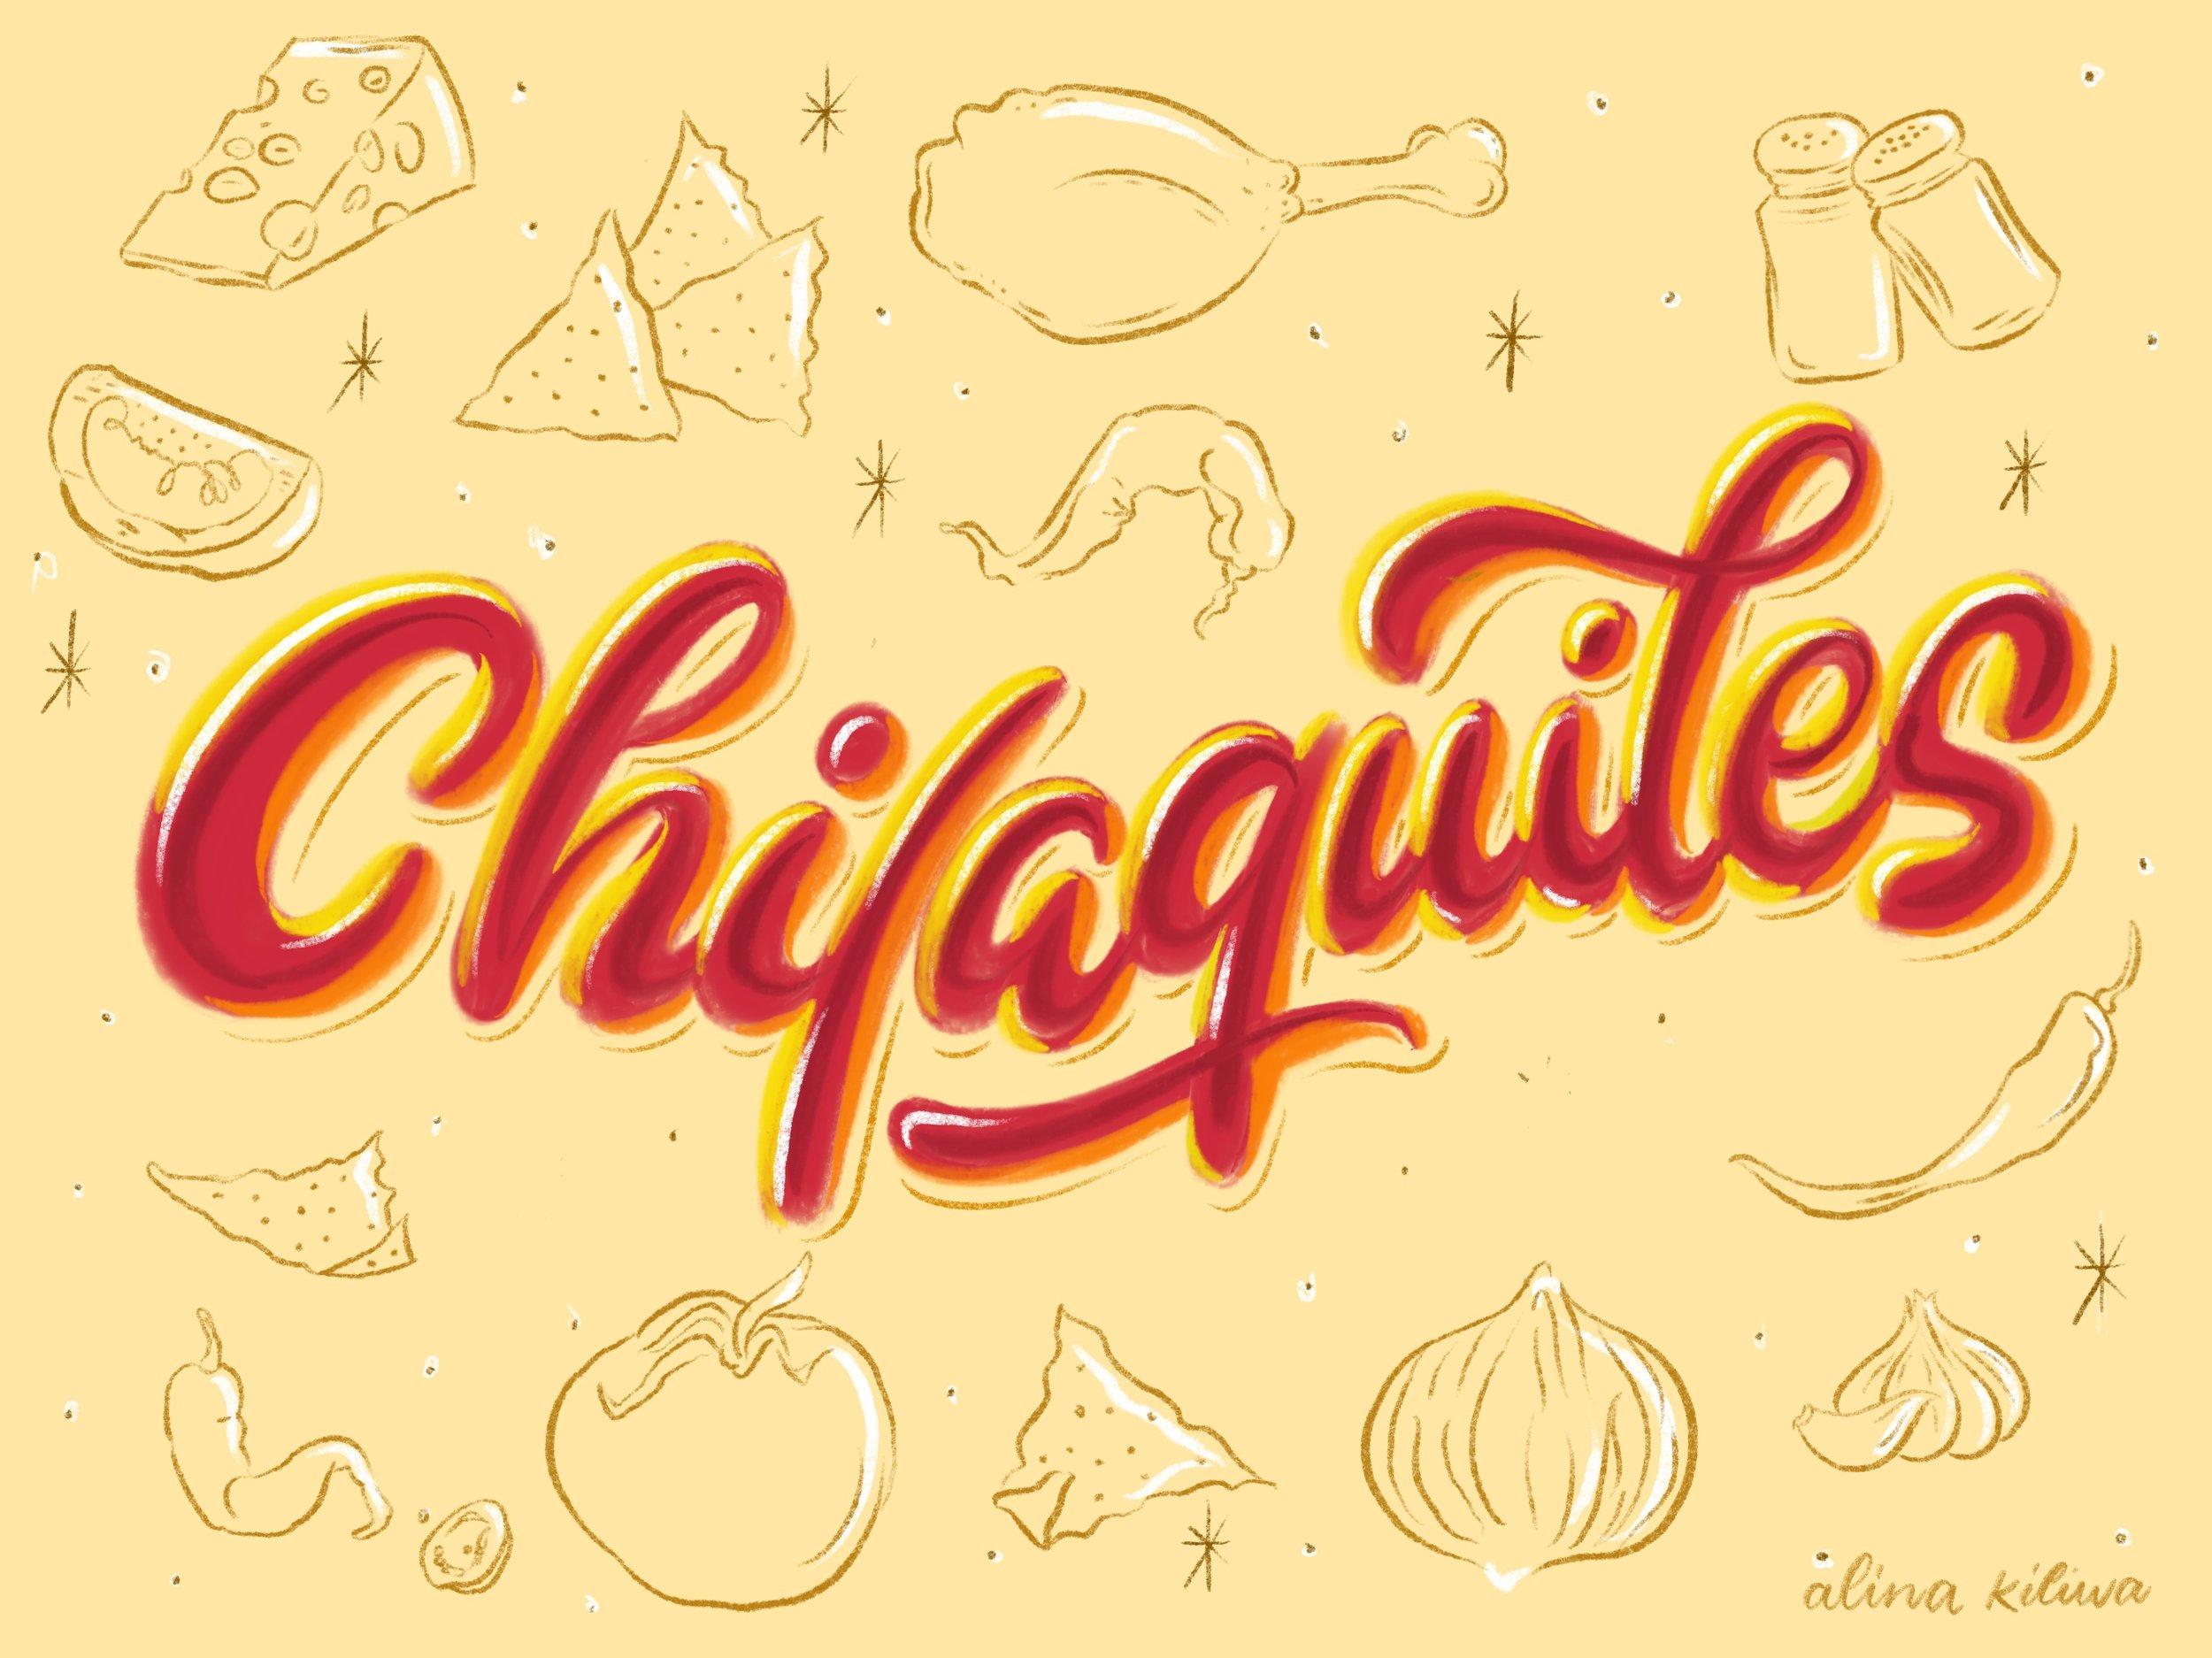 05272019_nota-chilaquiles 02.jpg